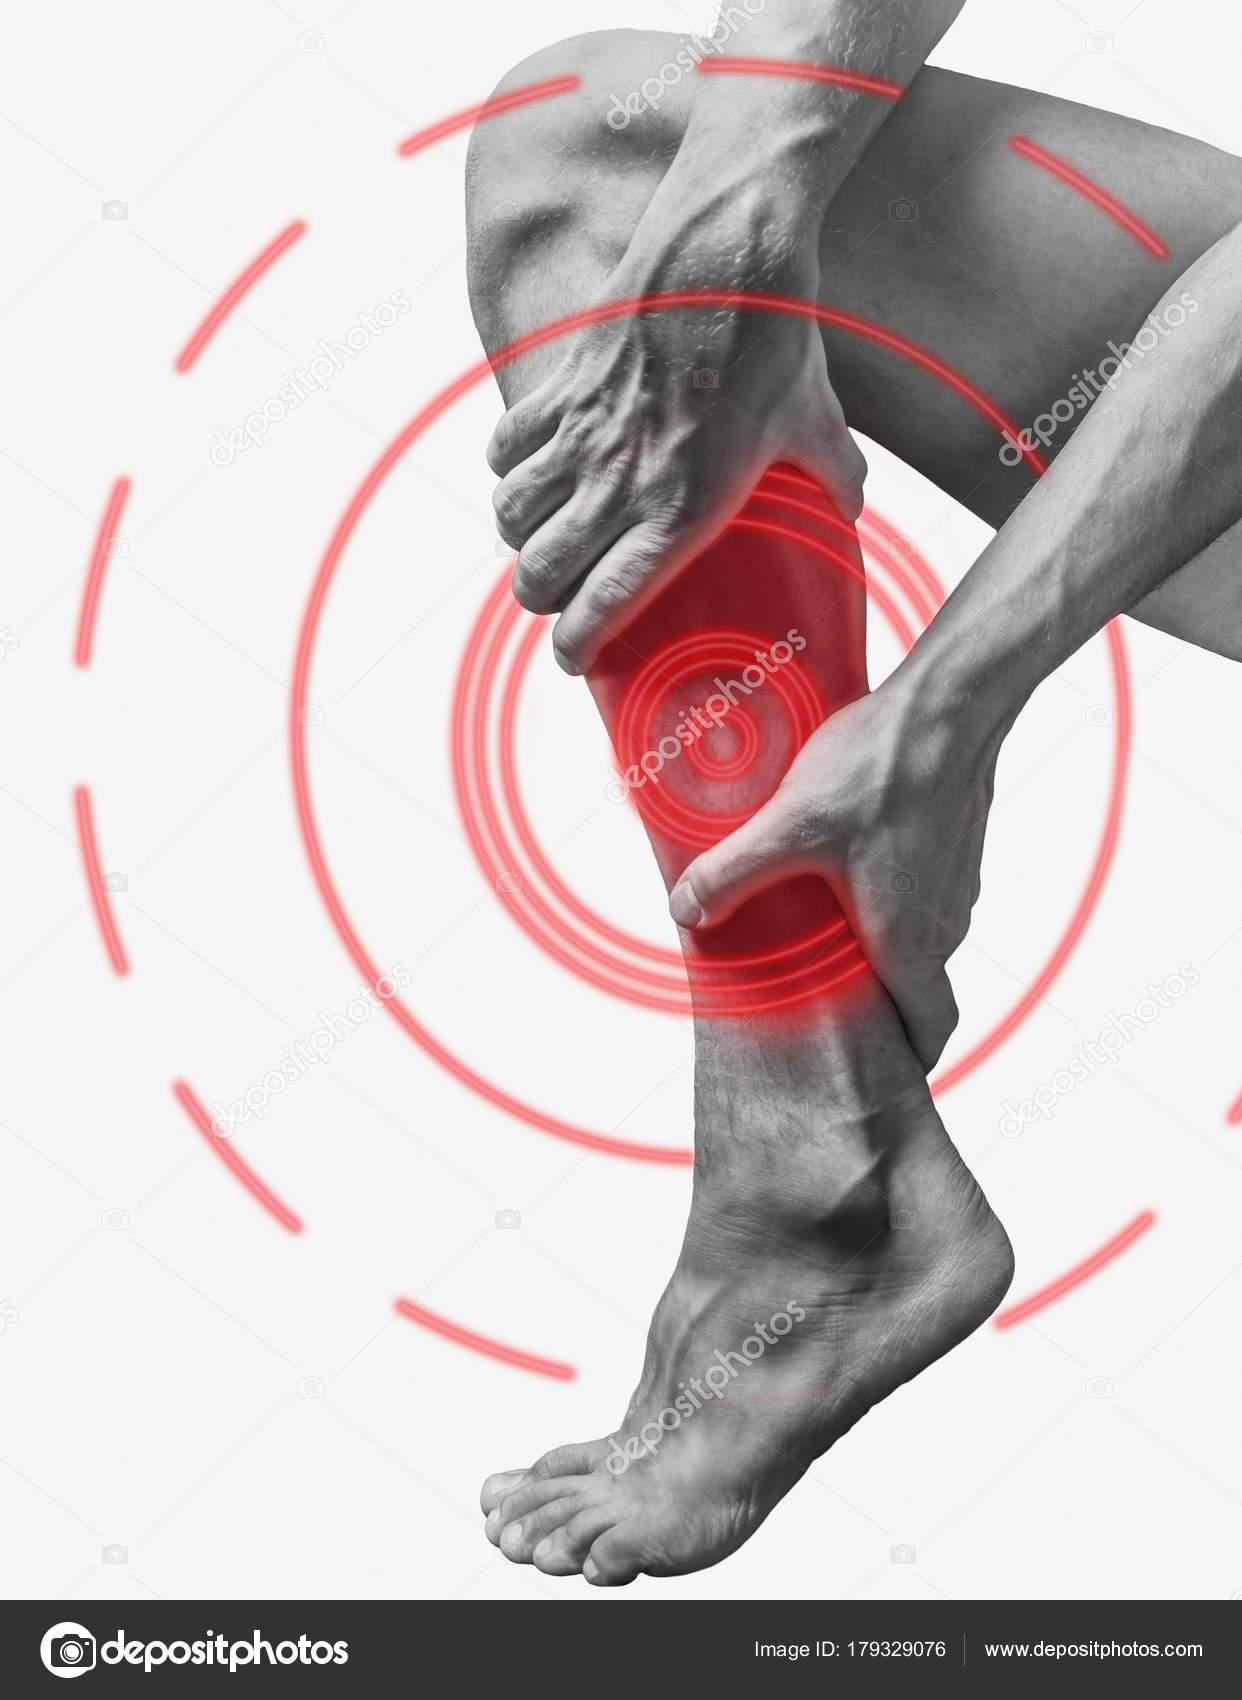 Akute Schmerzen in einem Kalb Muskel — Stockfoto © Remains #179329076